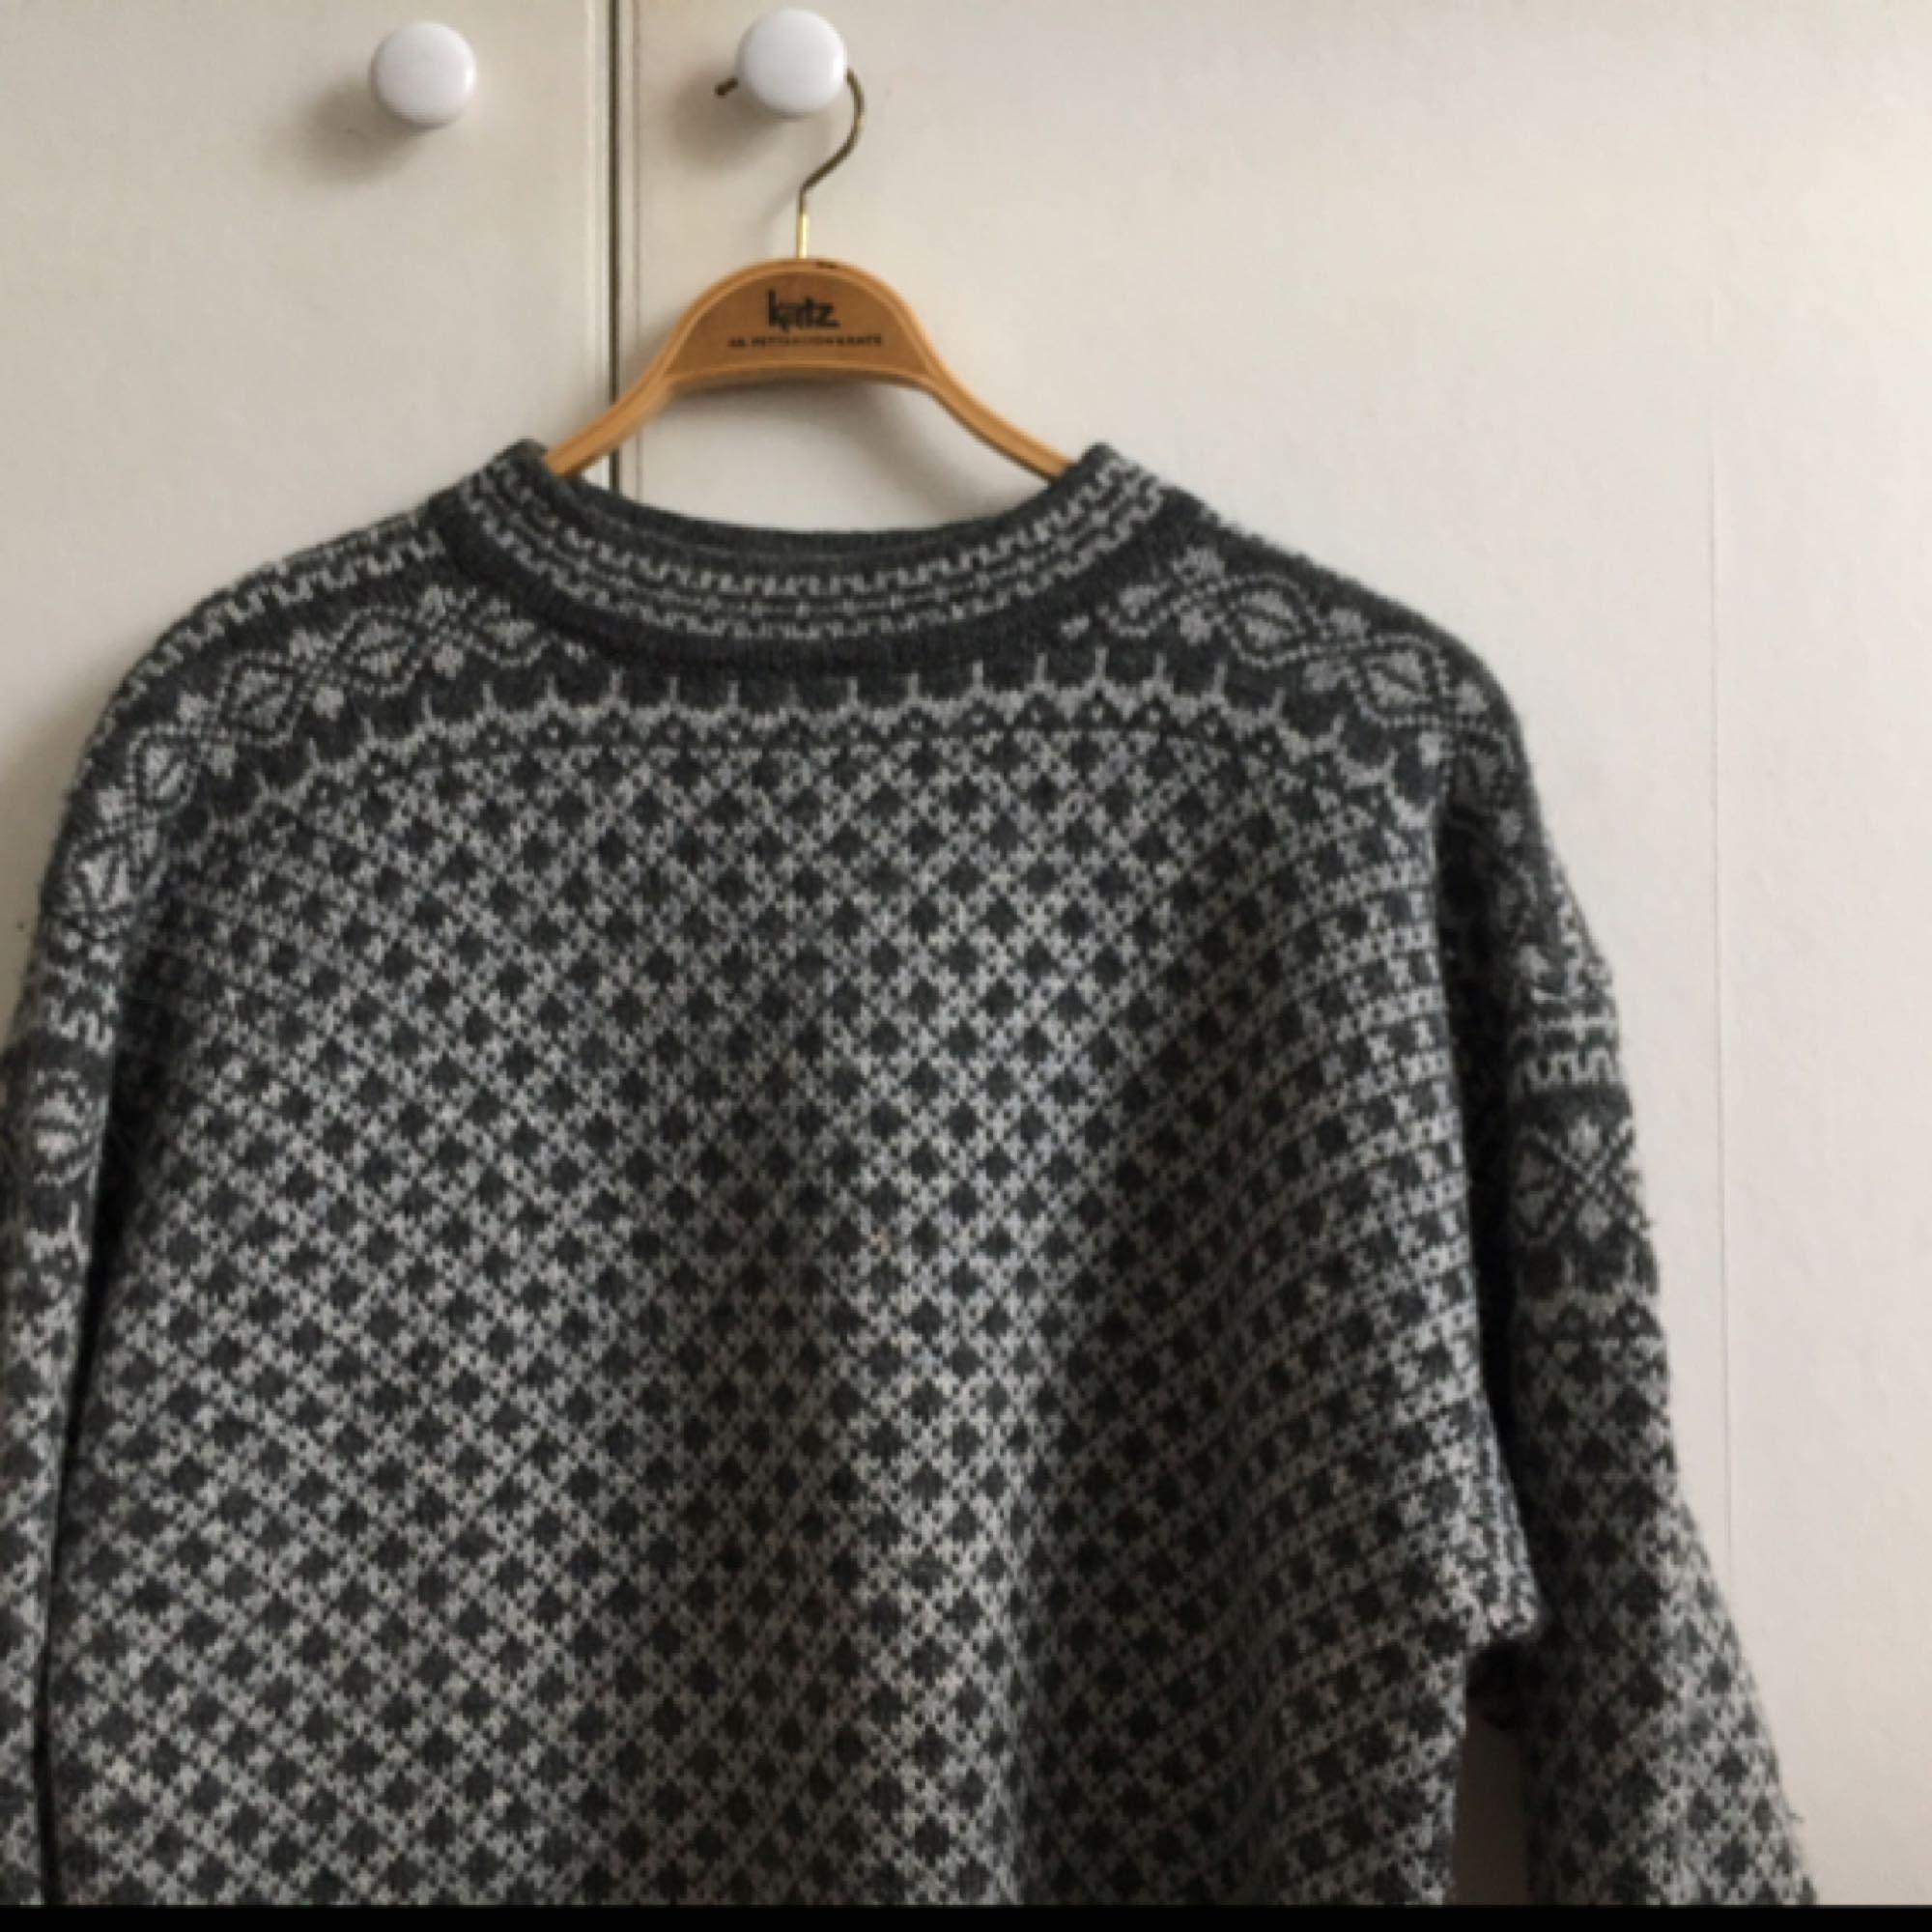 Varm mysig stickad tröja, storlek L men skulle säga att den passar dem flesta för den är rätt oversize. Älskar den men använder den för sällan(Max 4 gånger) så den letar nu nytt hem. Kan mötas upp i Göteborg annars bjuder jag på frakten:). Stickat.